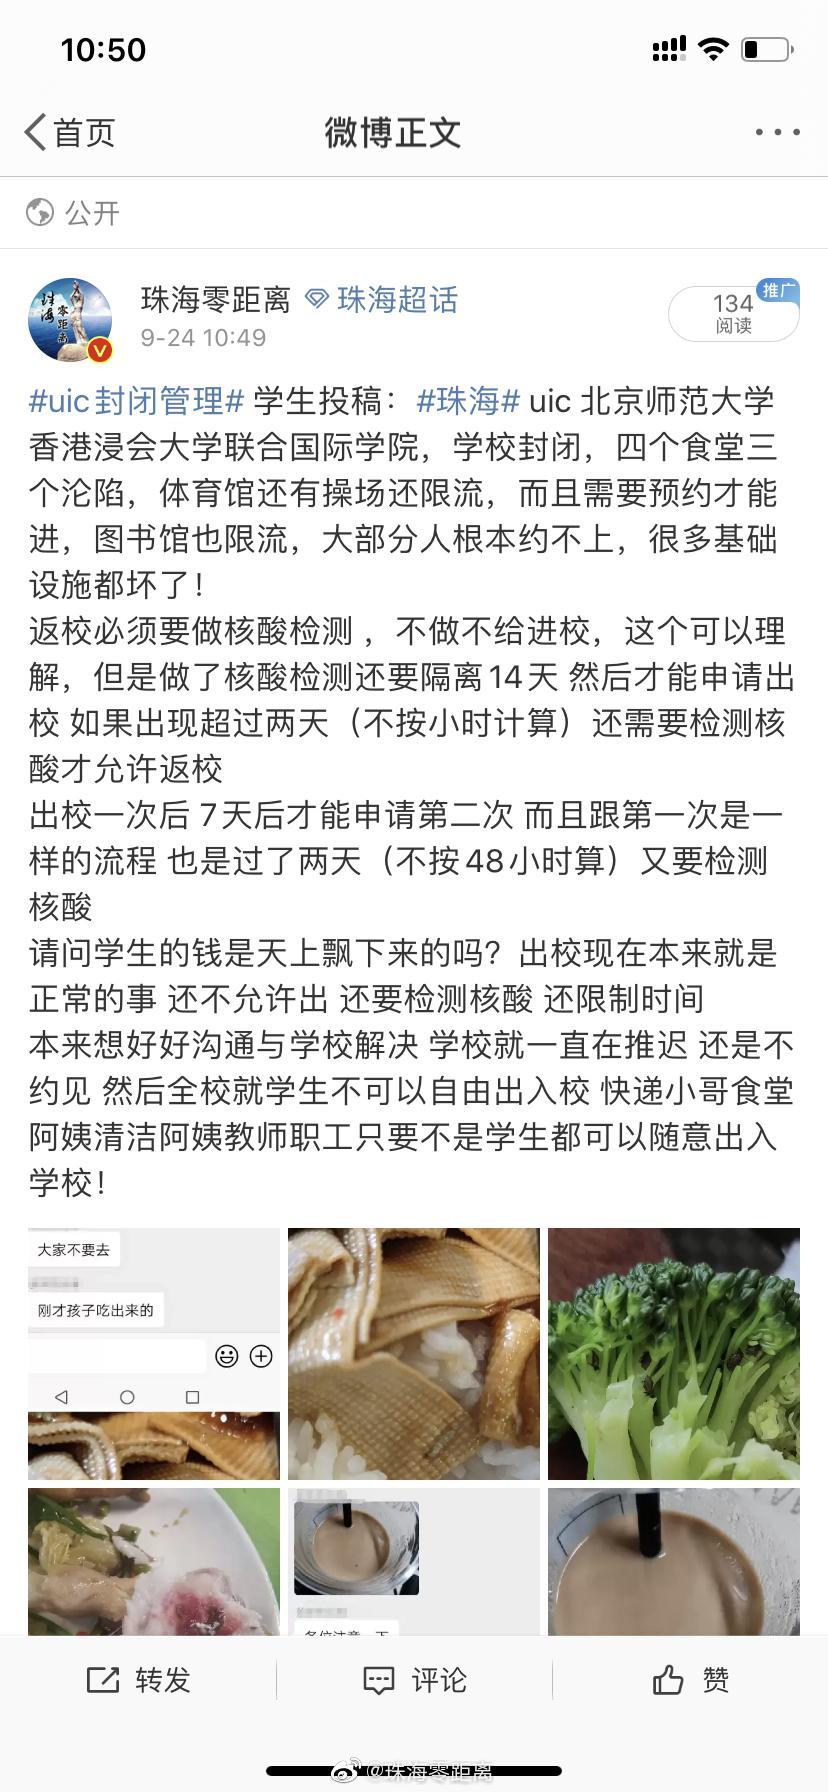 学生投稿: uic 北京师范大学香港浸会大学联合国际学院……